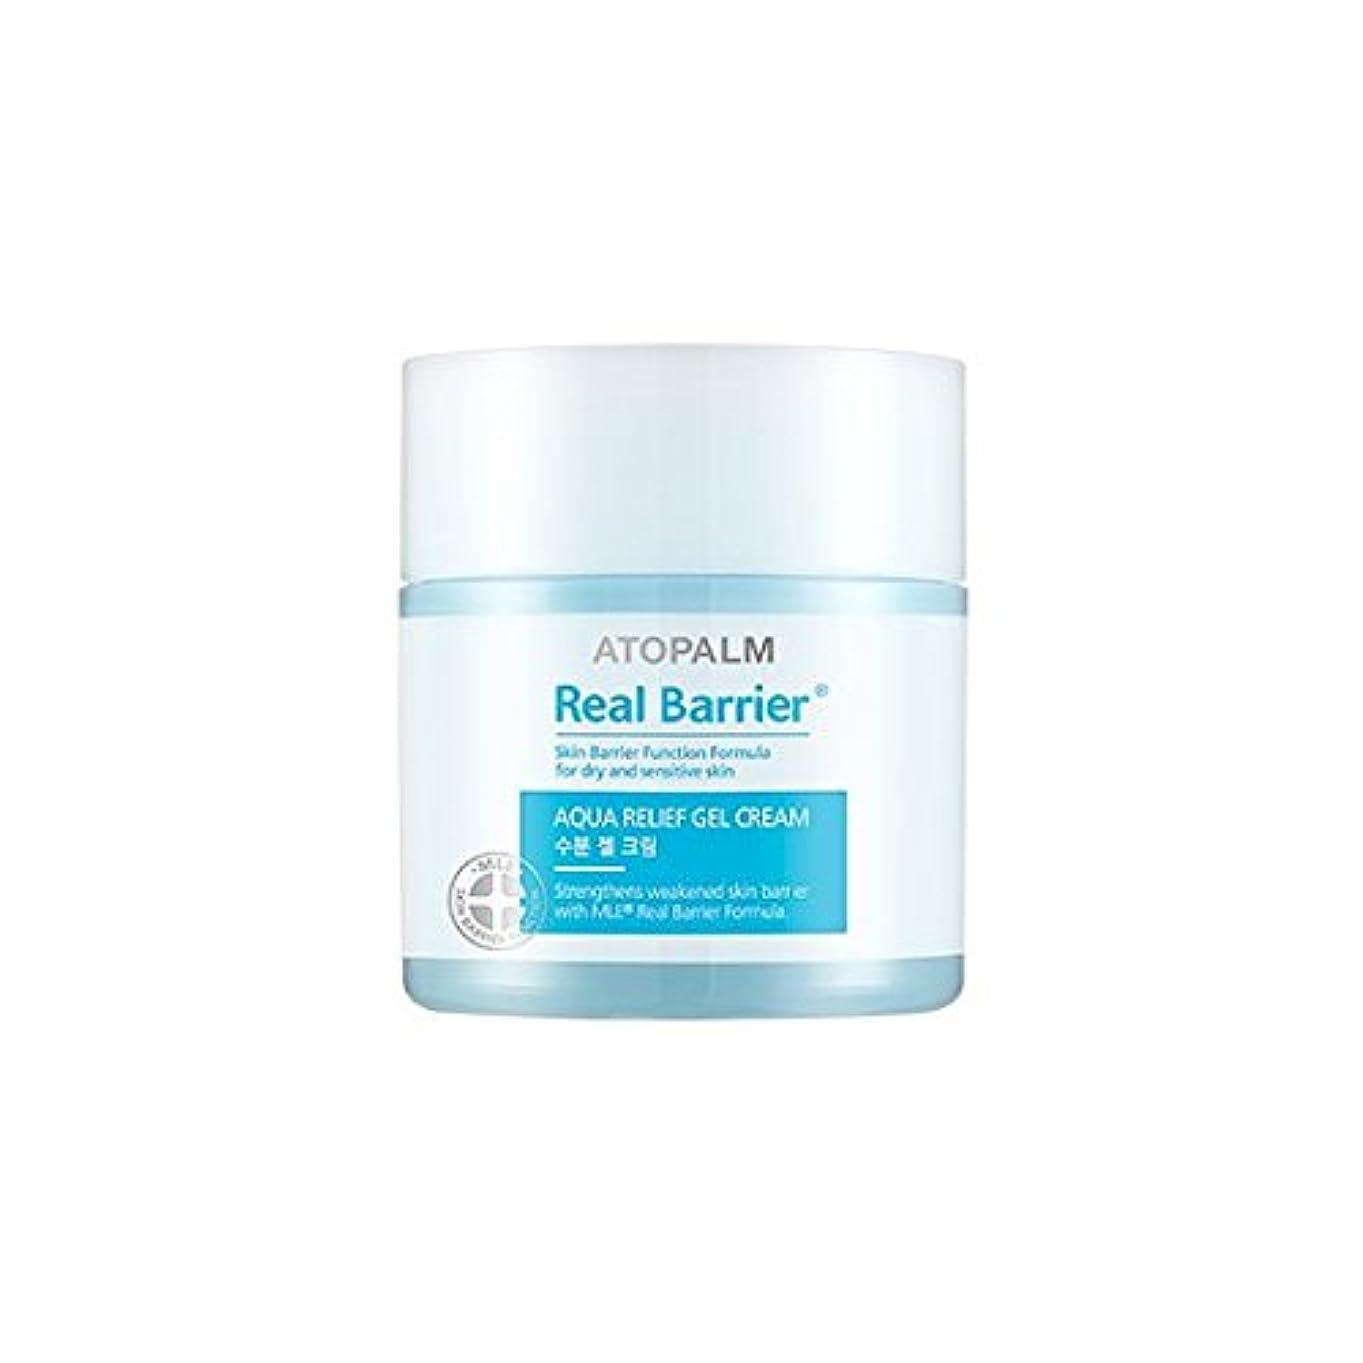 やりがいのある保守的キャッチATOPALM Real Barrier Aqua Relief Gel Cream 50ml/アトパーム リアル バリア アクア リリーフ ジェル クリーム 50ml [並行輸入品]